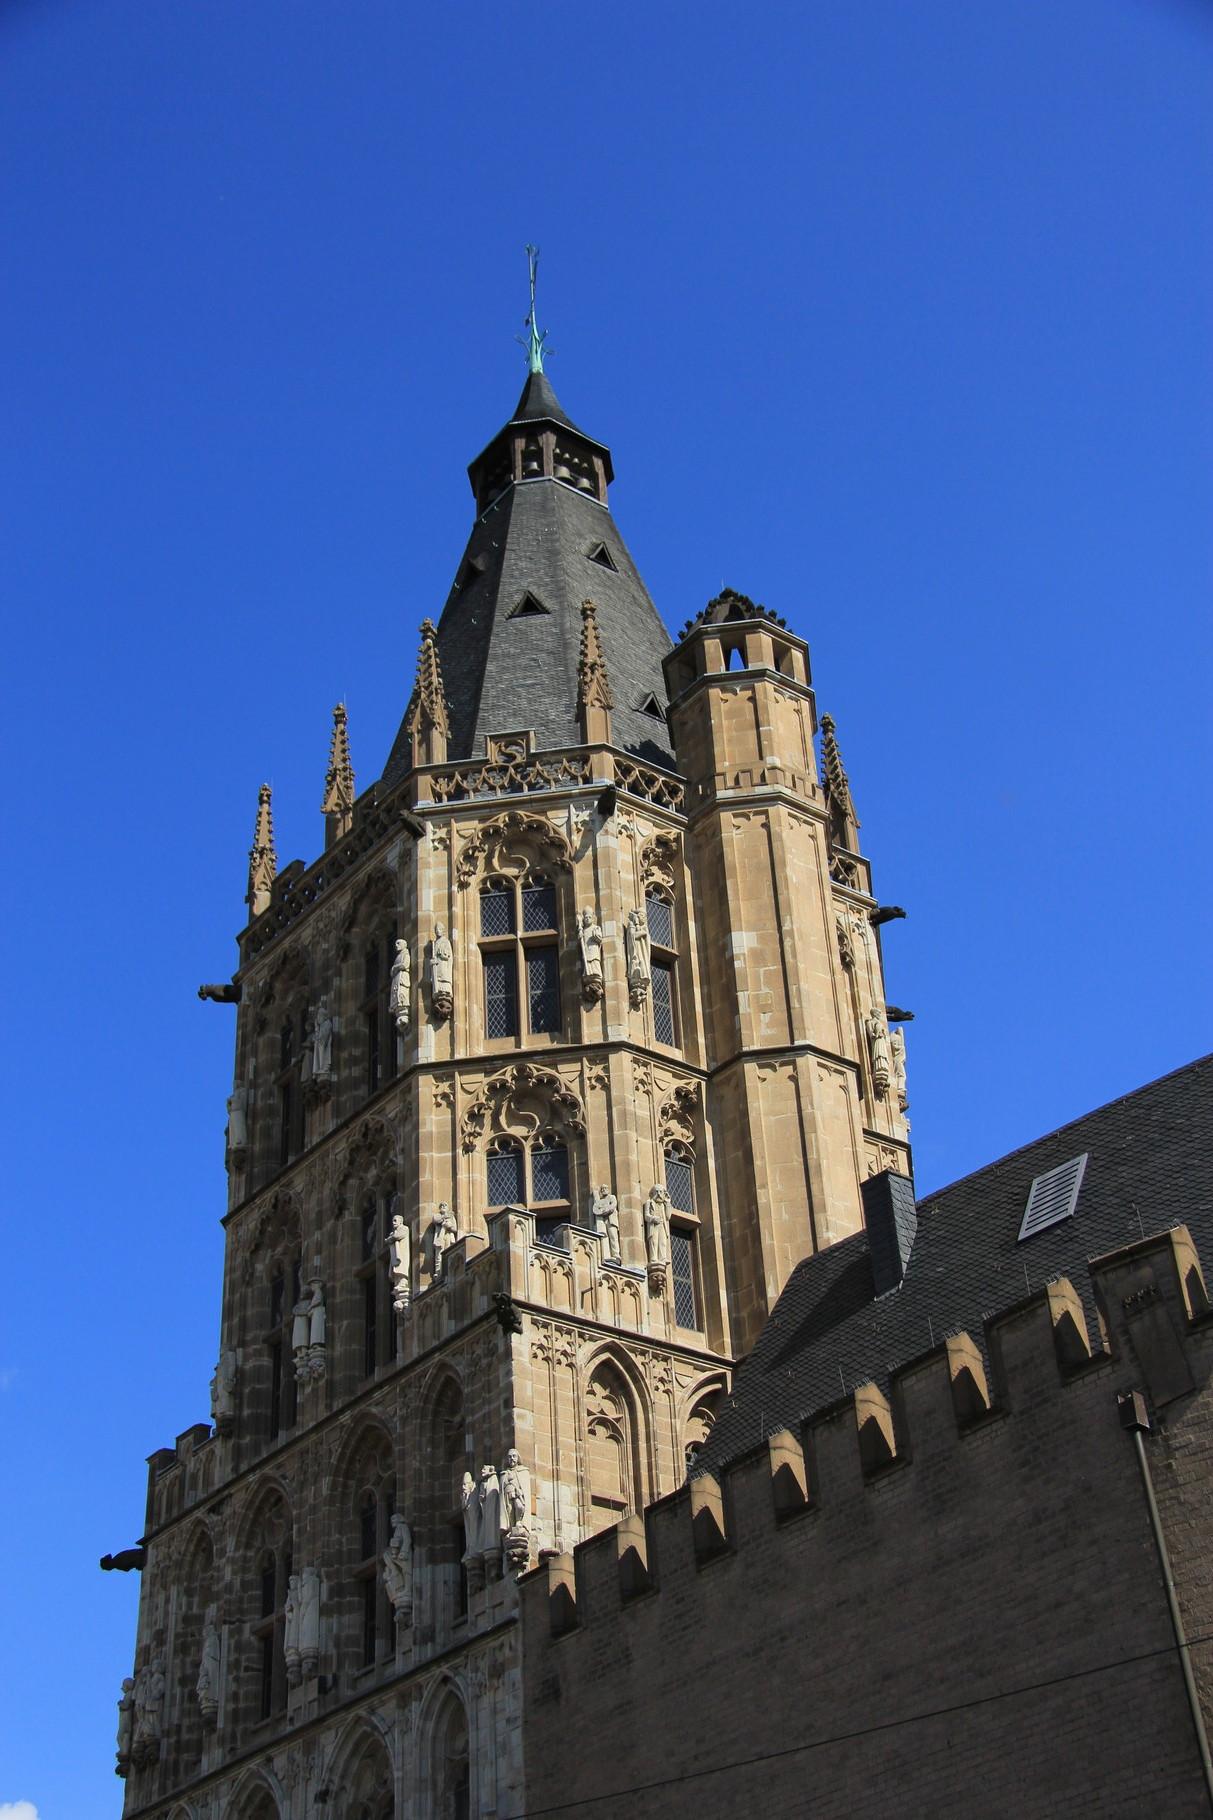 Mittelalter-Tour - Das Historische Rathaus (13.-16. Jh.)